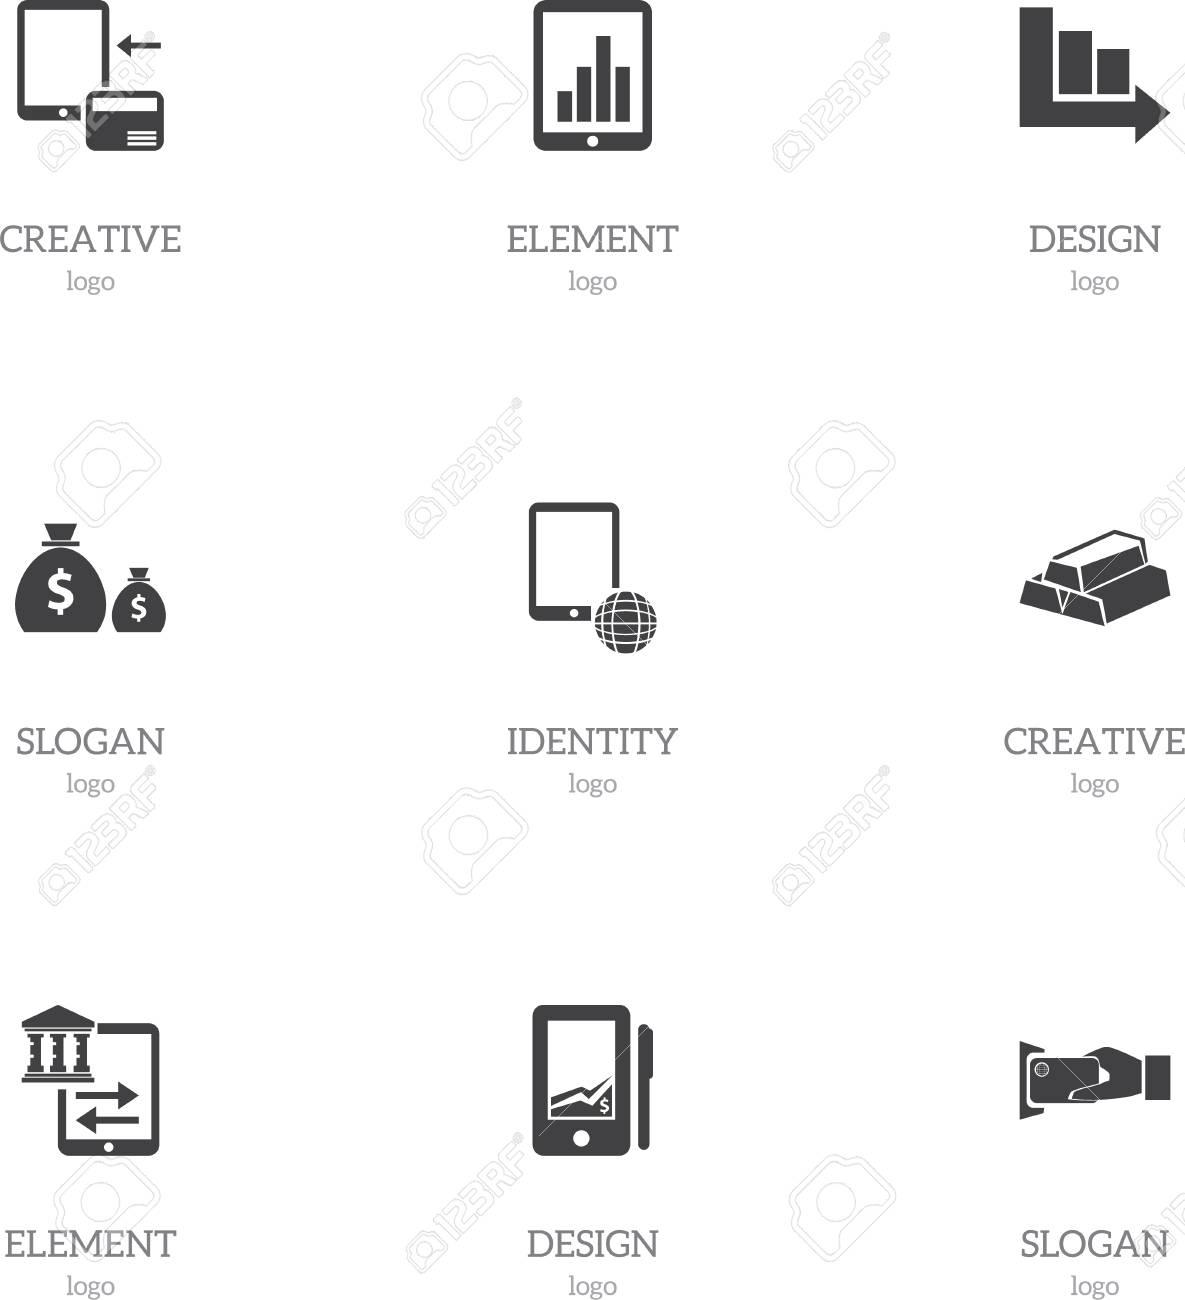 Fantastisch Steuern Sie Die Verdrahtungssymbole Fotos - Schaltplan ...